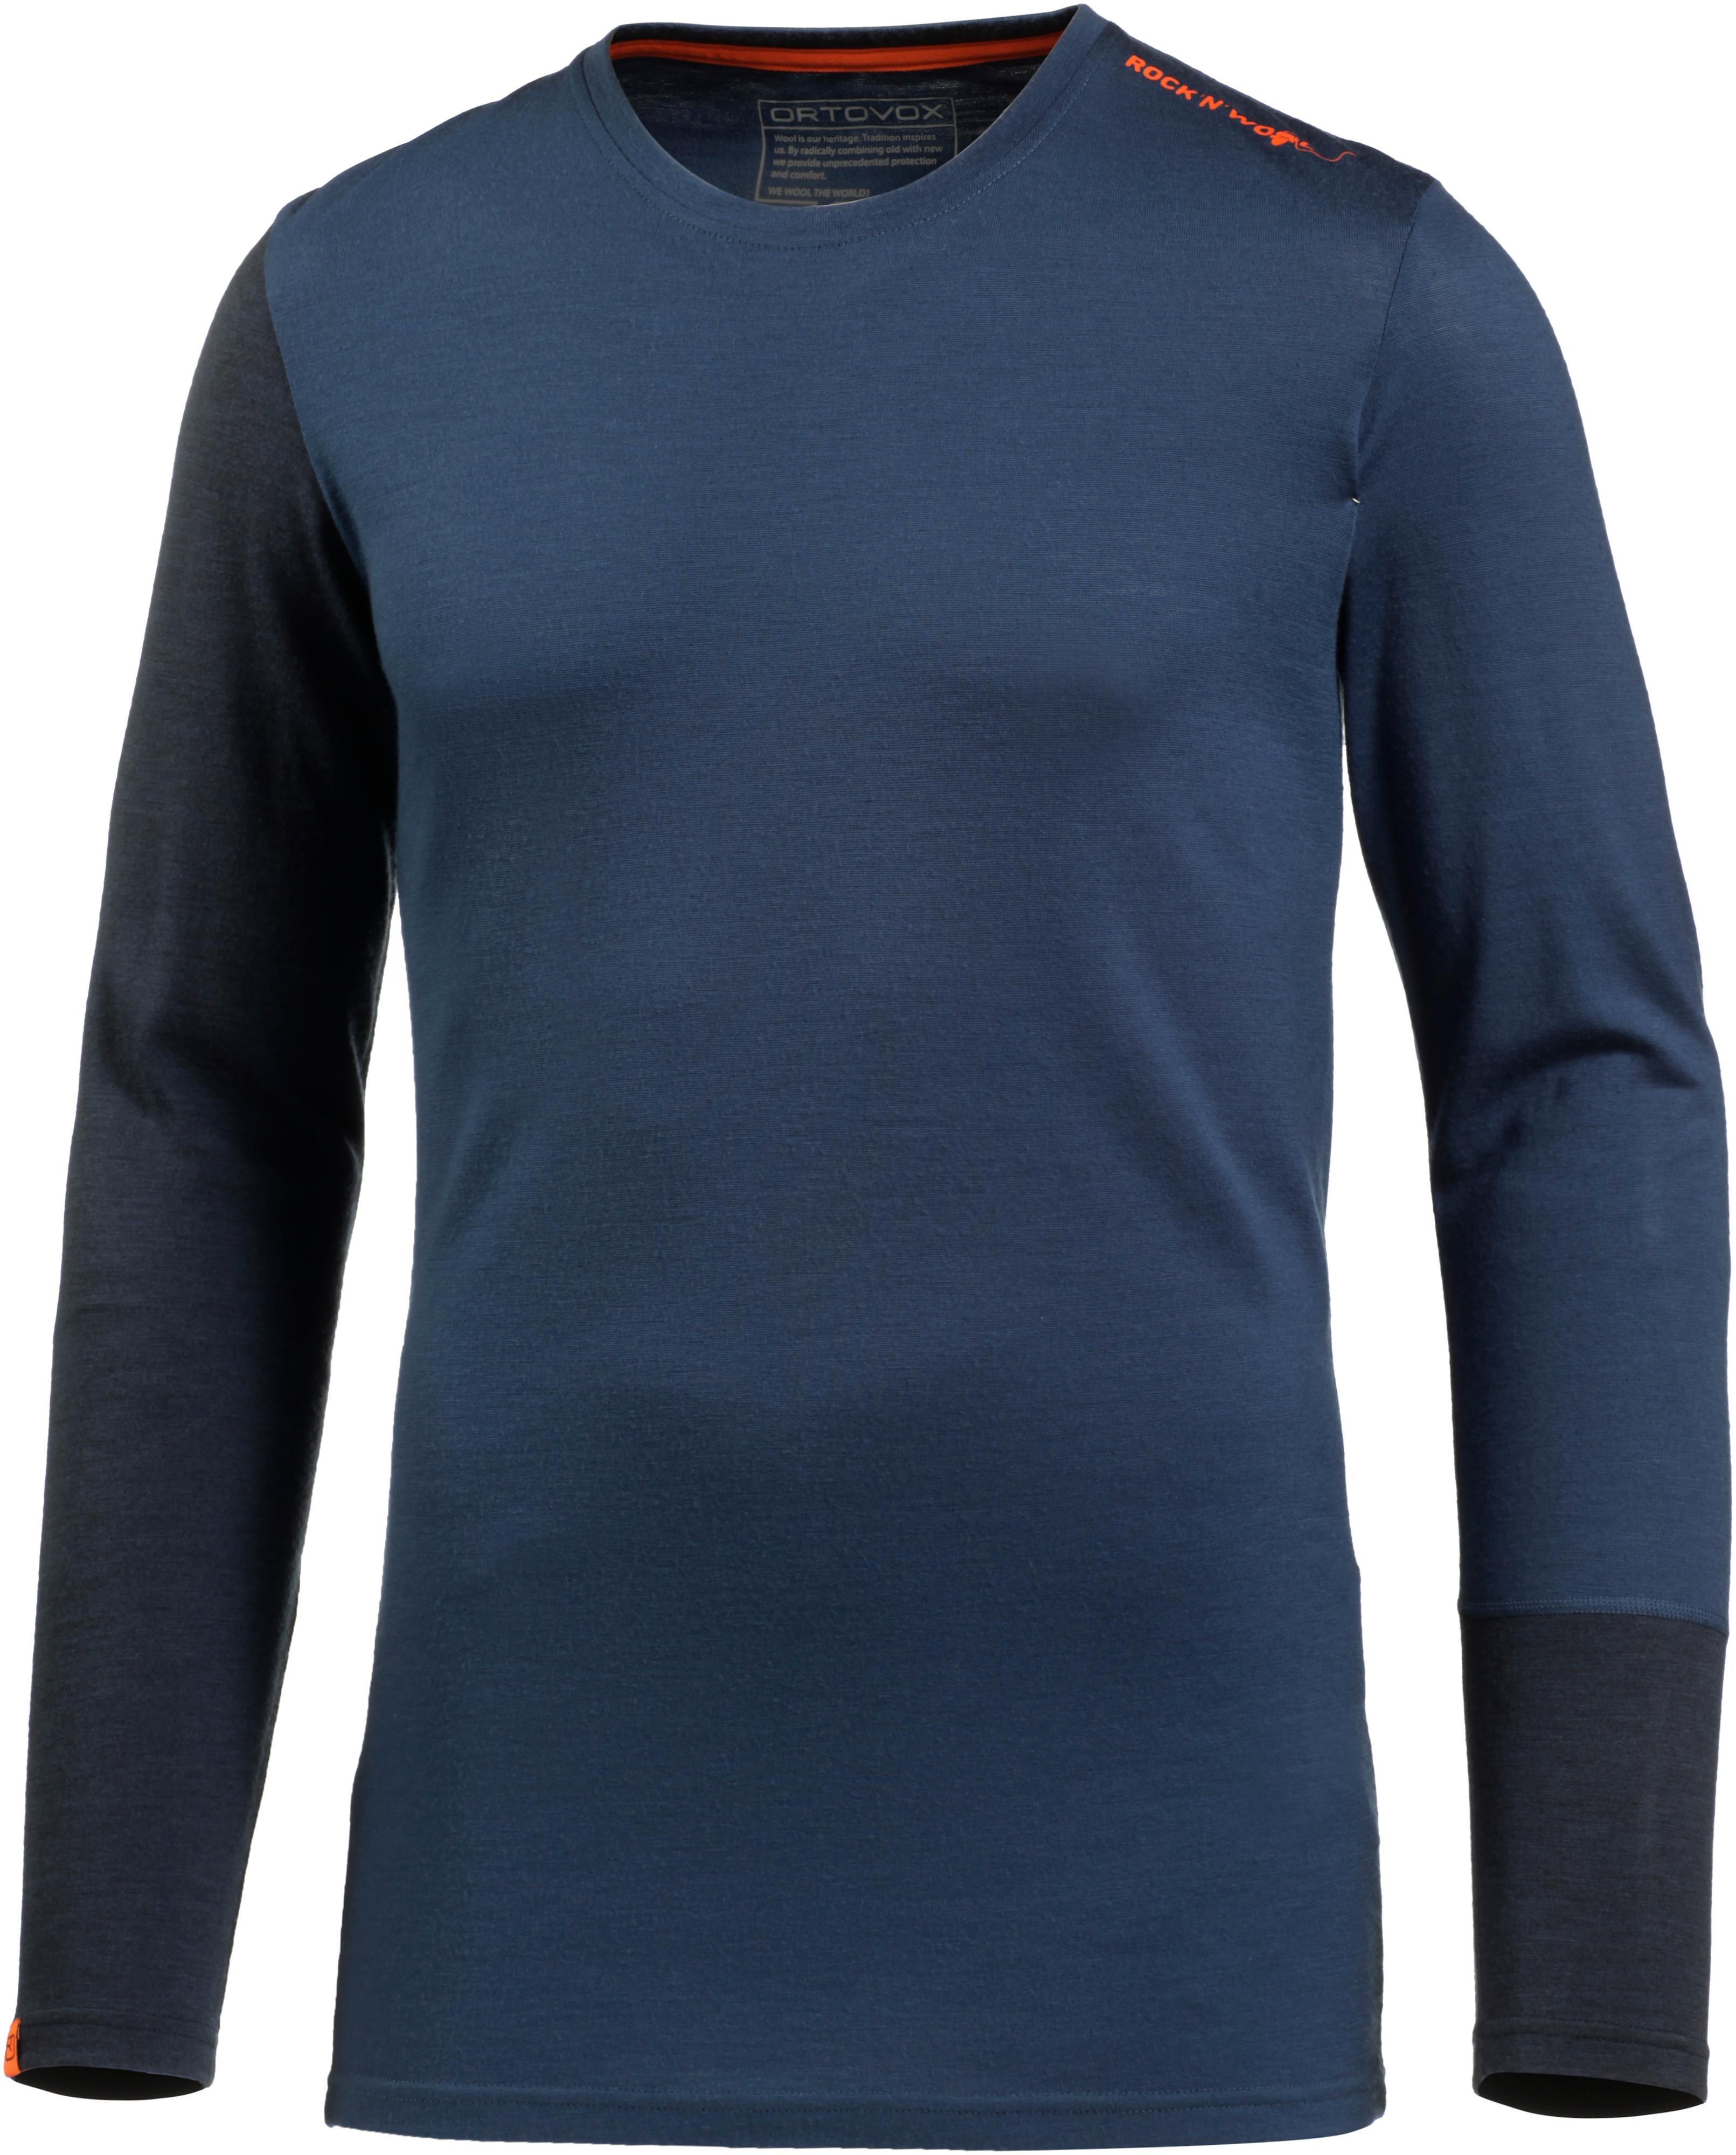 85ba326b091bb9 ORTOVOX 185 Rock n Wool Long Sleeve Merino Funktionsshirt Herren night blue  im Online Shop von SportScheck kaufen